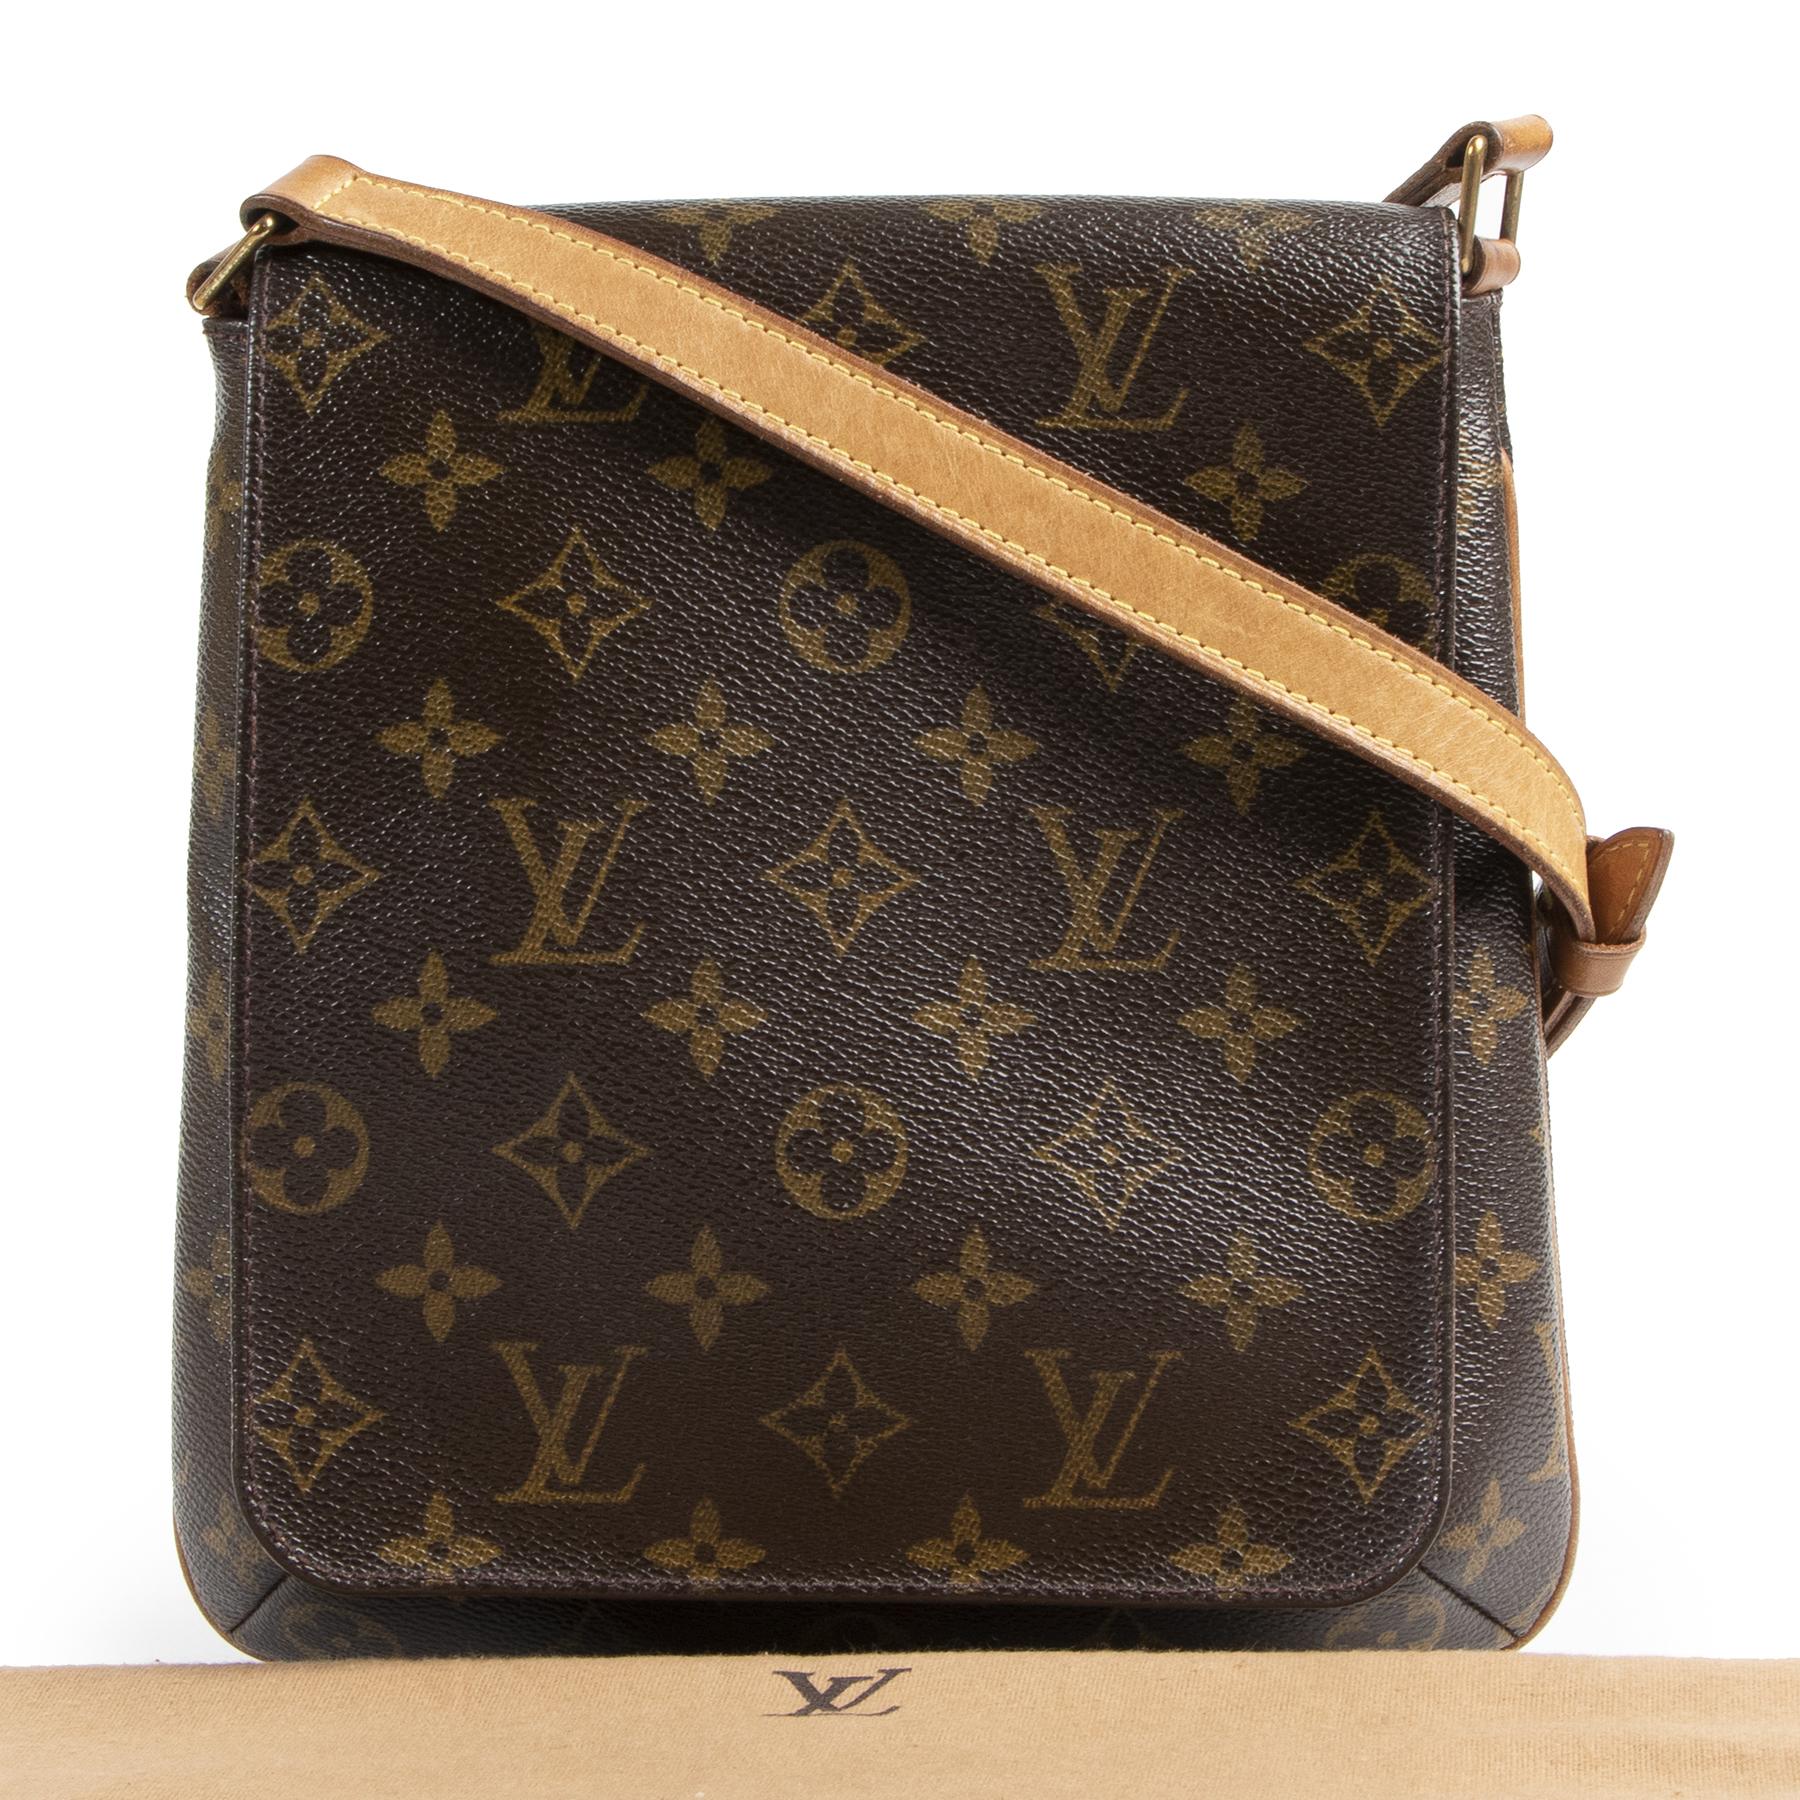 Authentique seconde-main vintage Louis Vuitton achète en ligne webshop LabelLOV